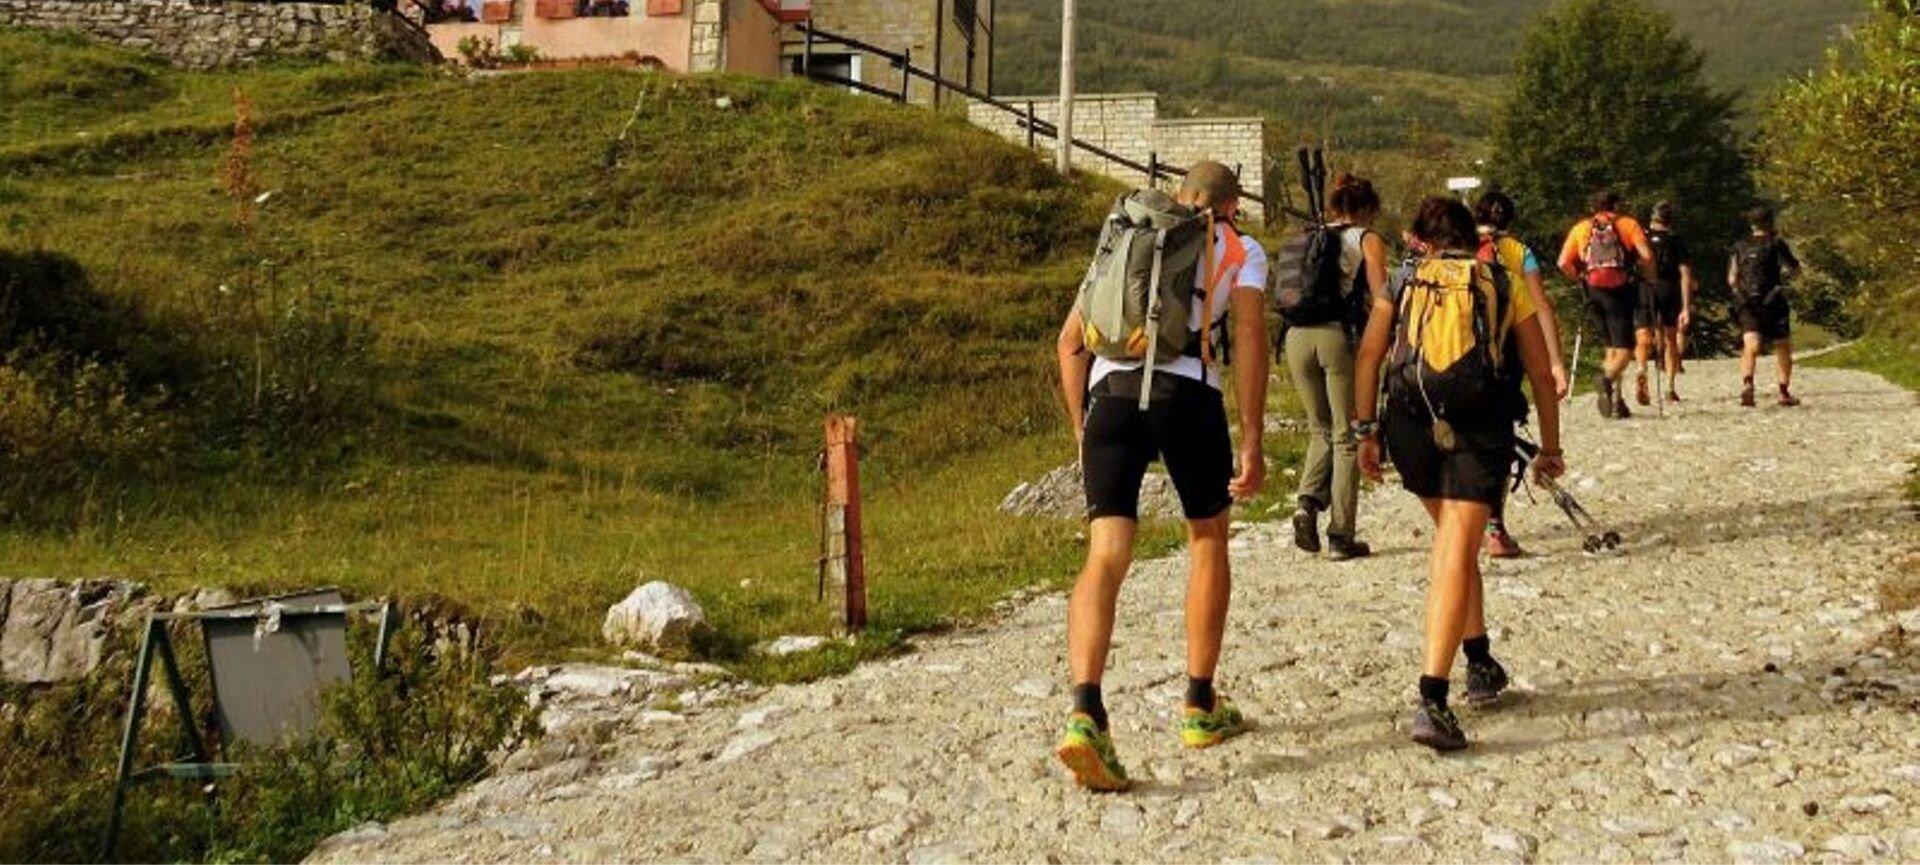 camminare in montagna calorie